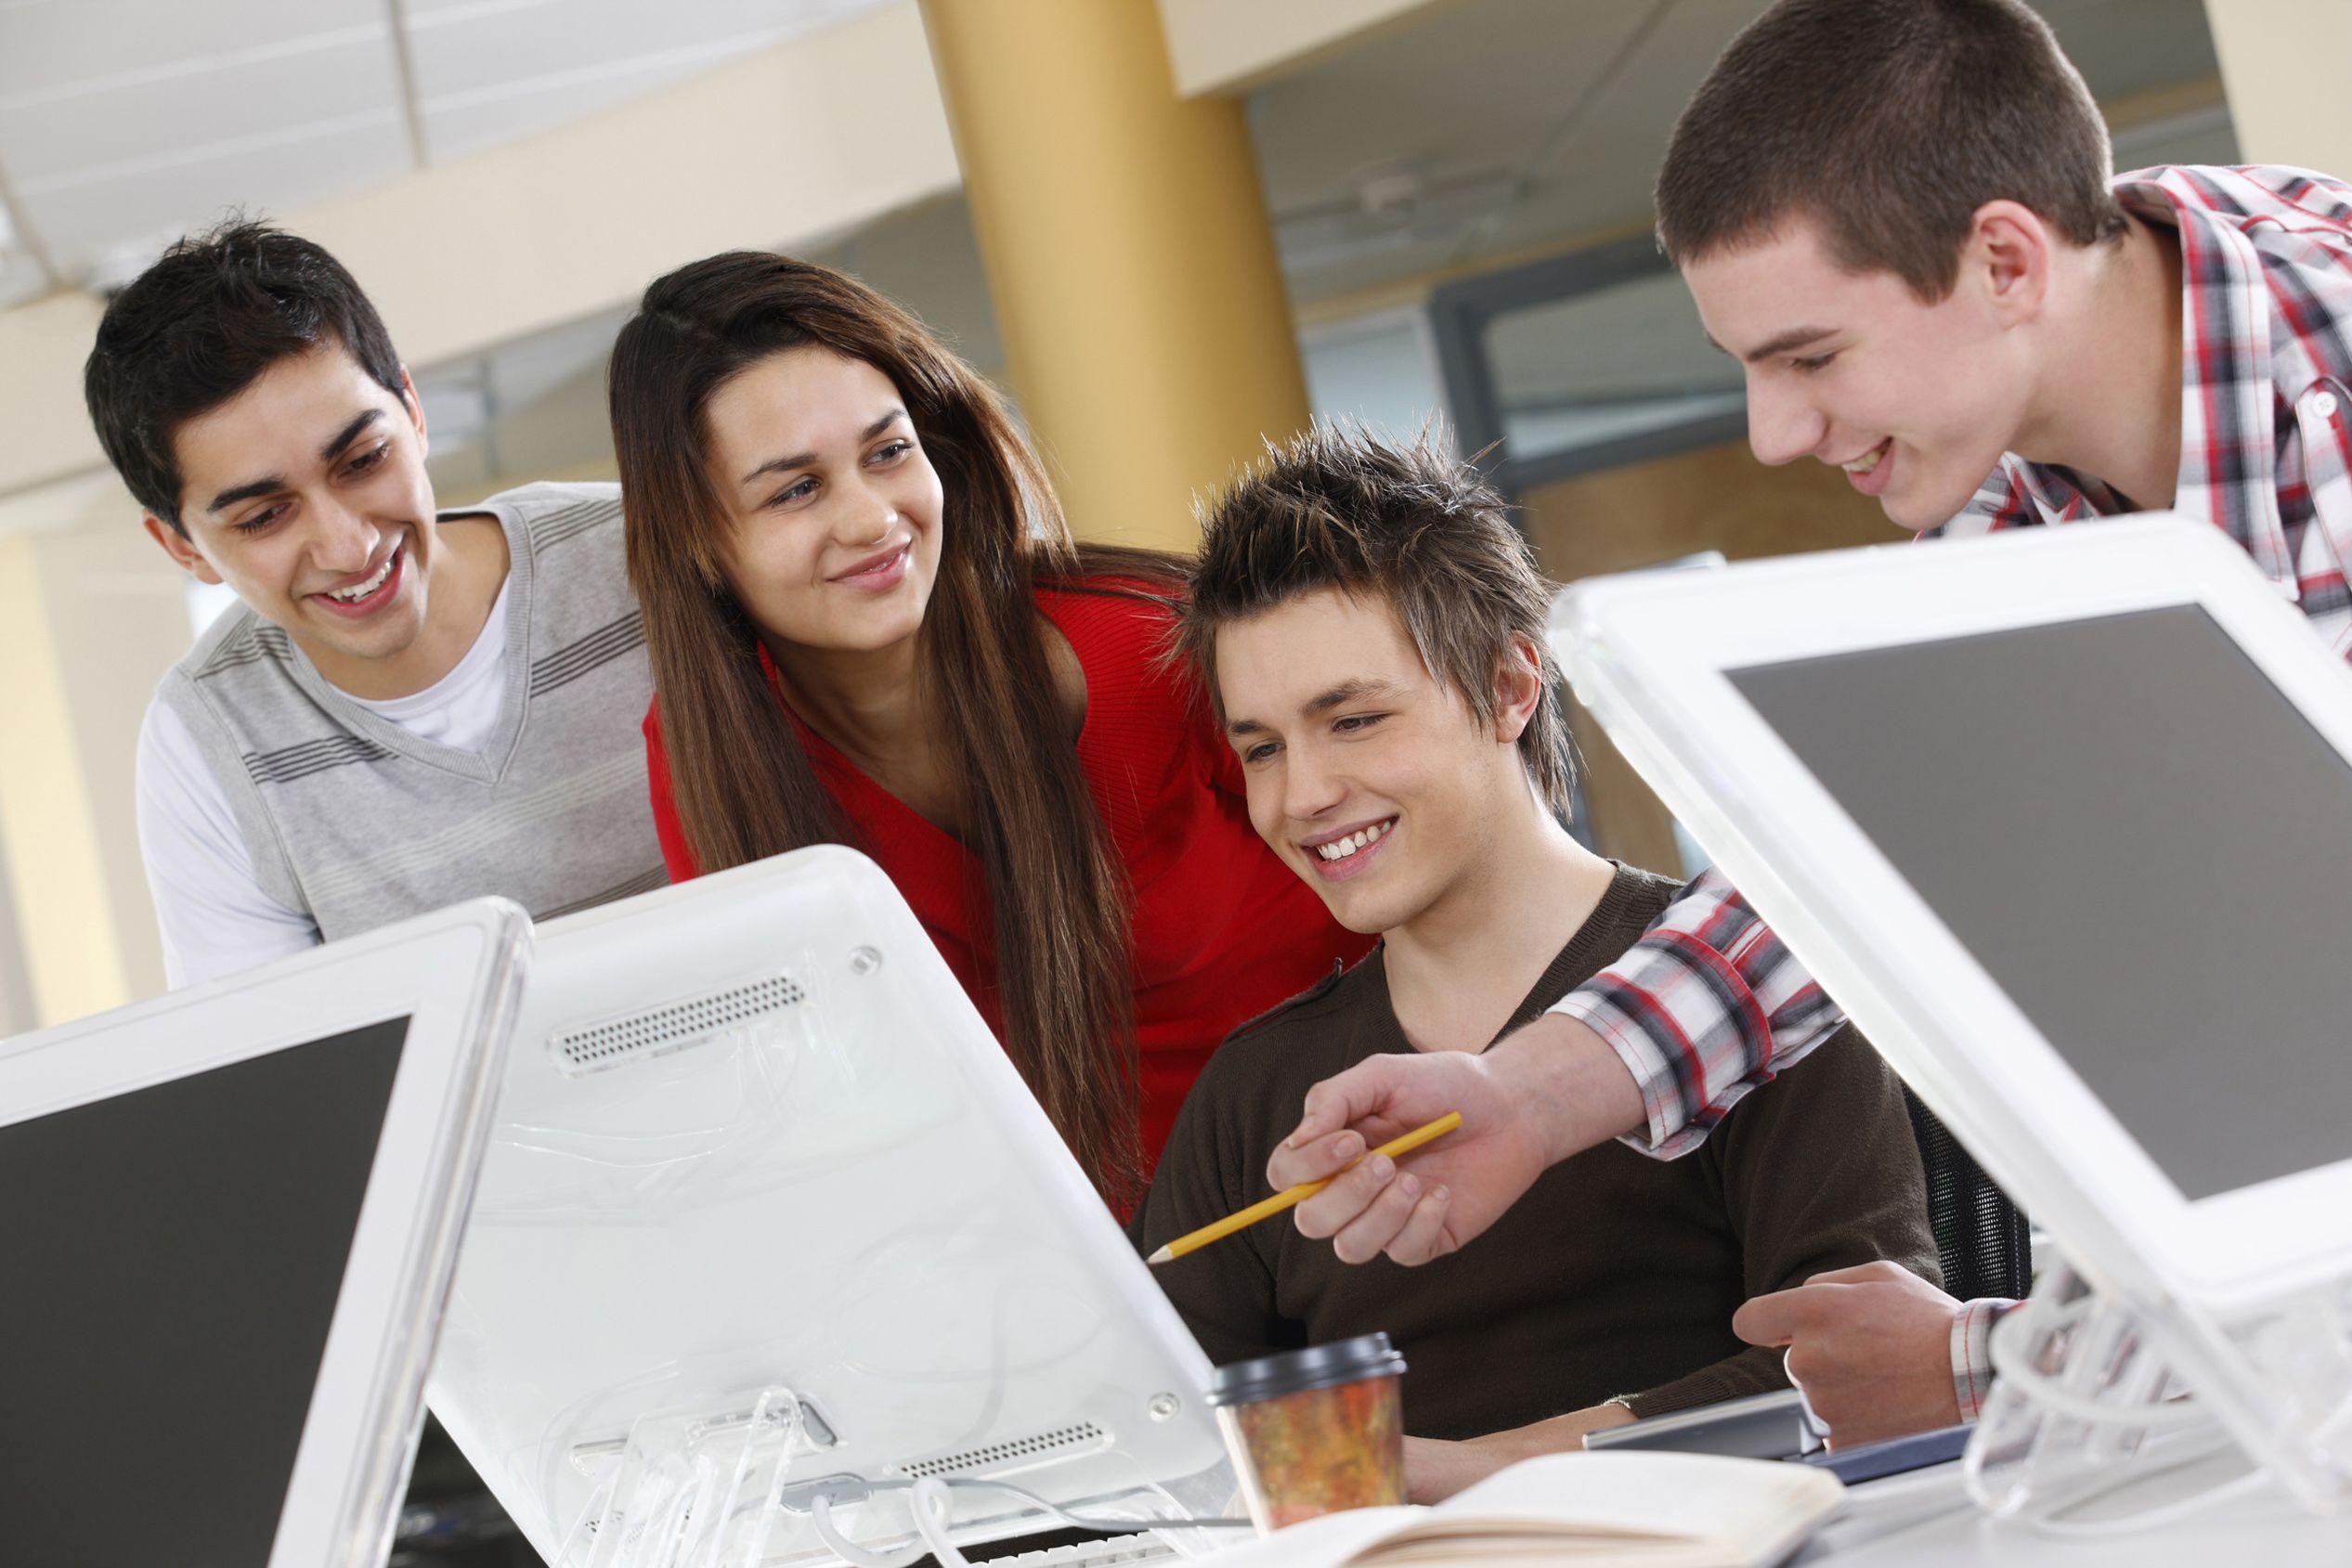 бюджетный компьютер для студента 2017